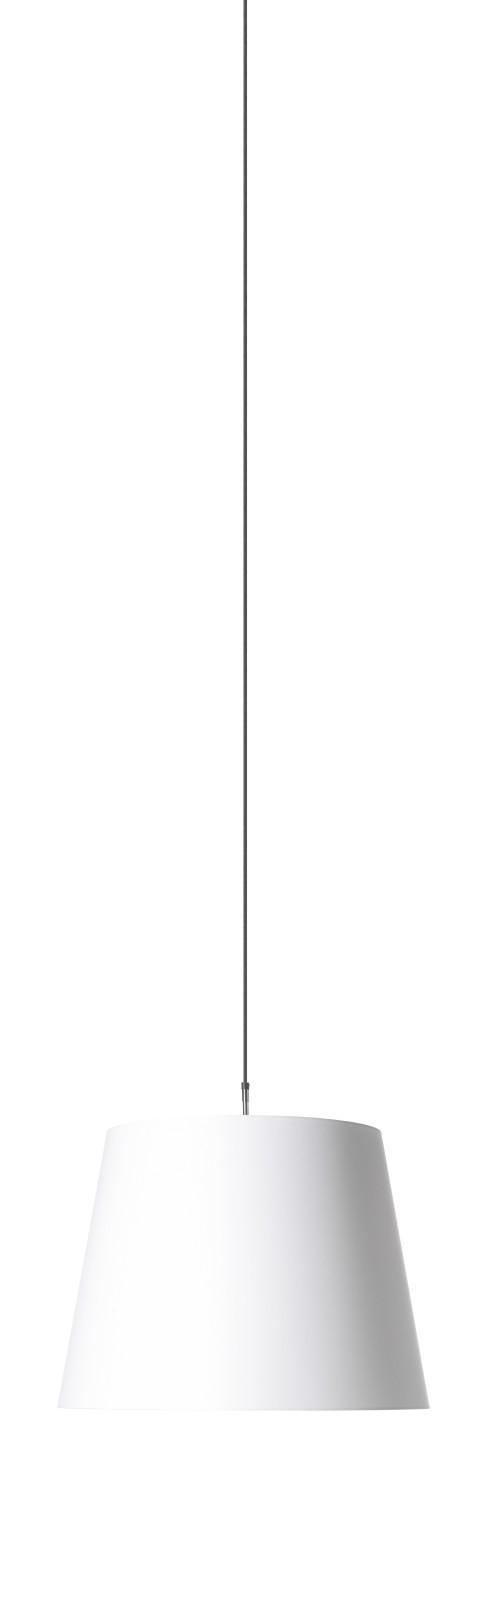 Hang Pendant Light White